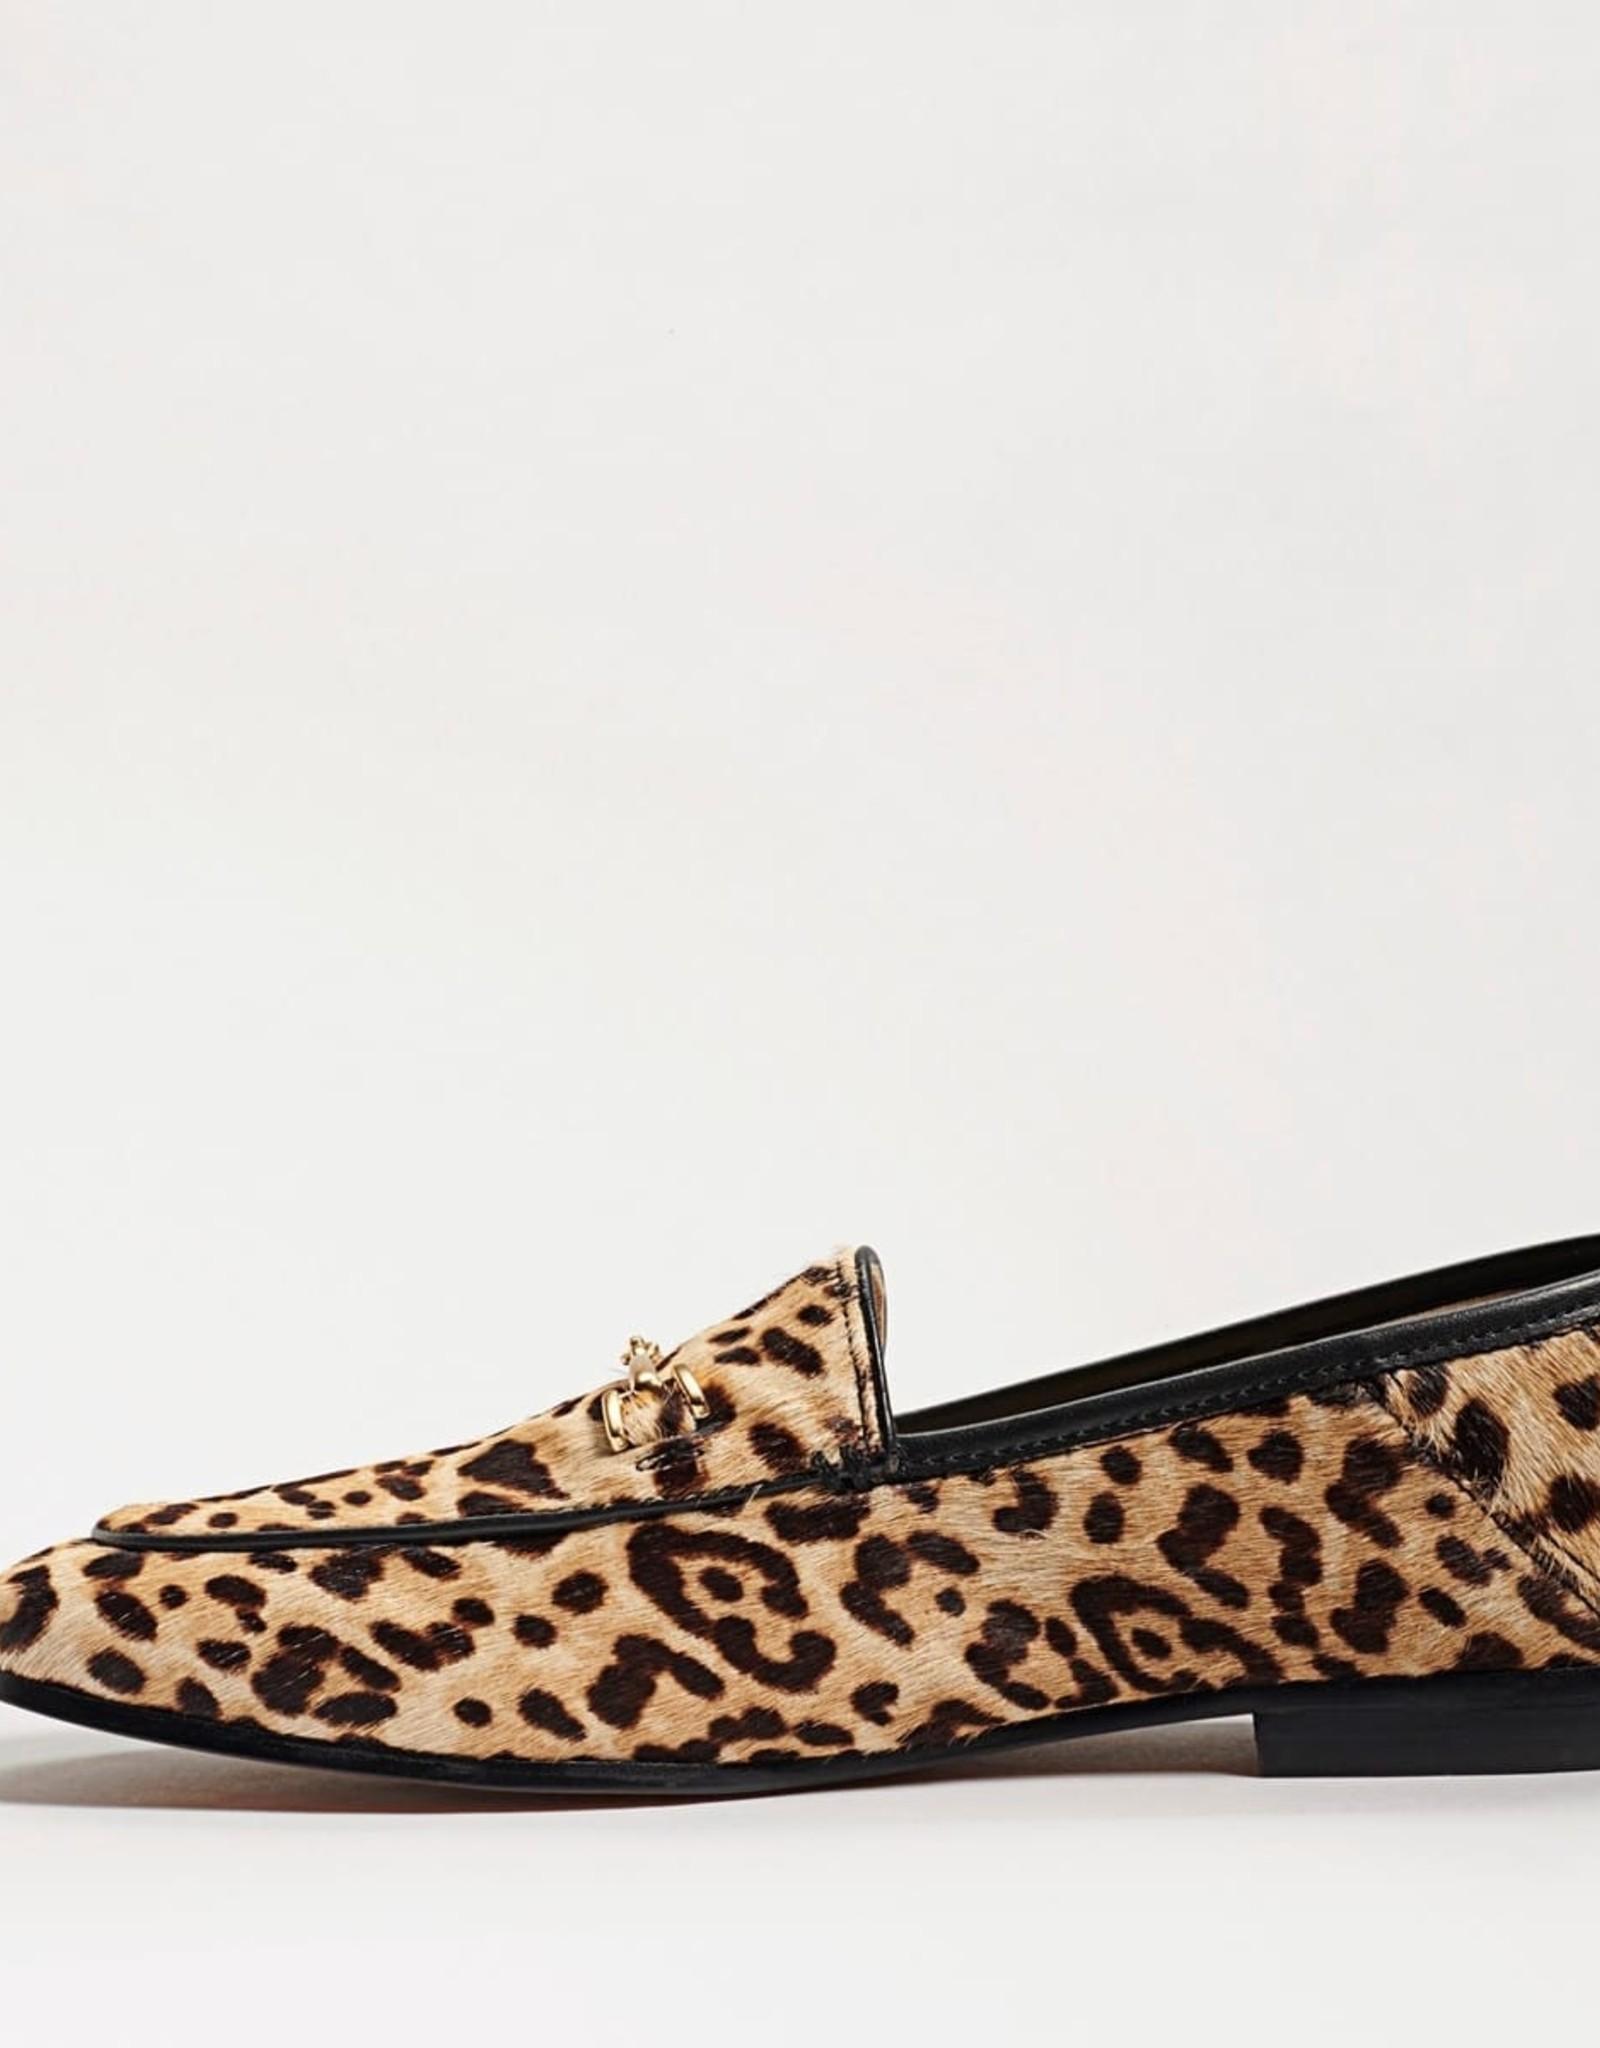 Sam Edelman Sam Edelman Loraine Bit Loafer in Sand Leopard